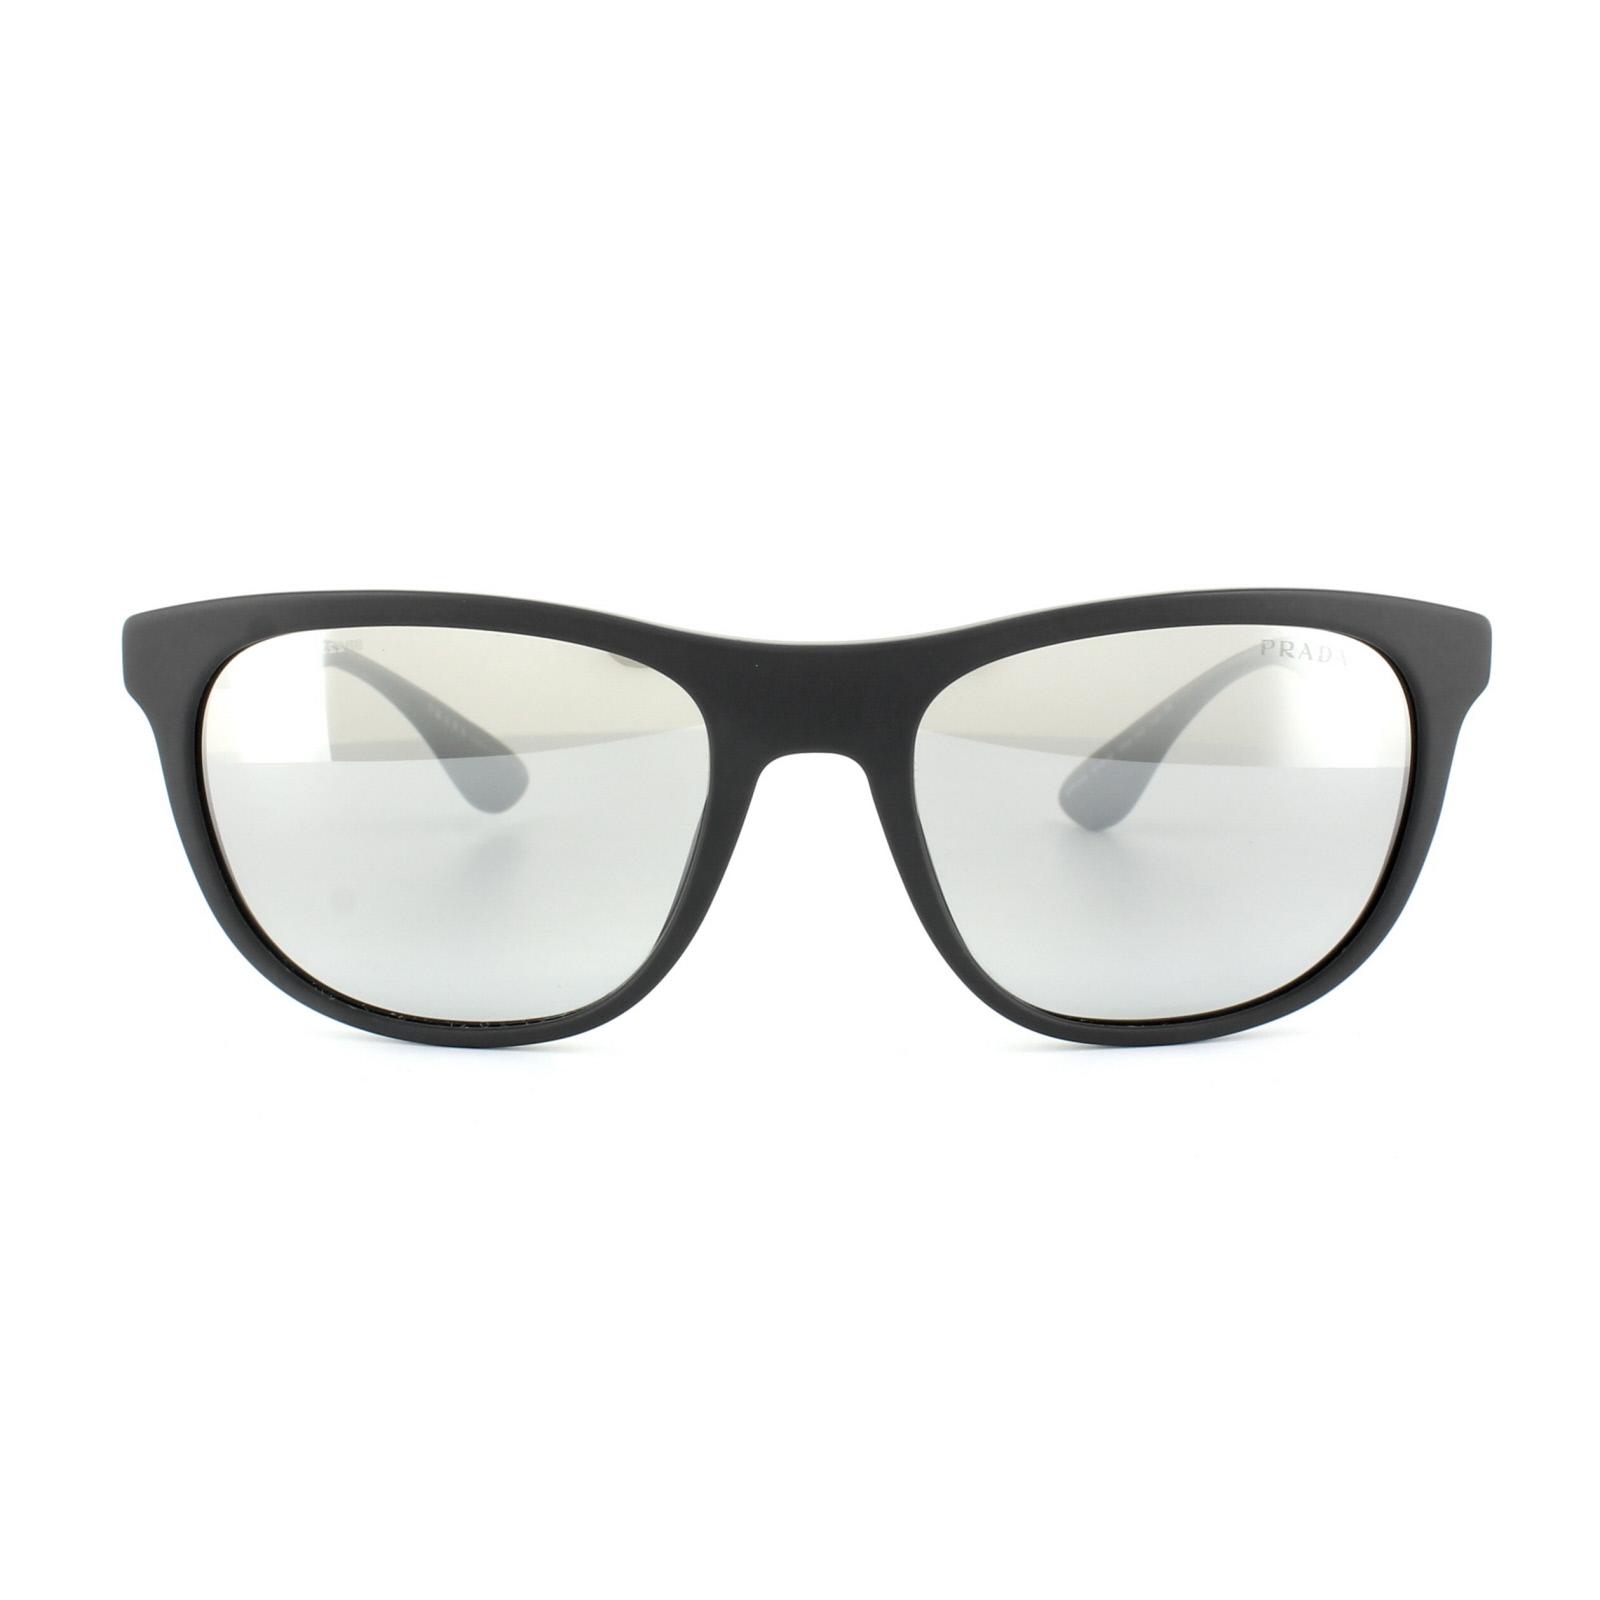 e9c7c9308d384 ... new zealand prada 04ss sunglasses thumbnail 1 prada 04ss sunglasses  thumbnail 2 1b2b9 25482